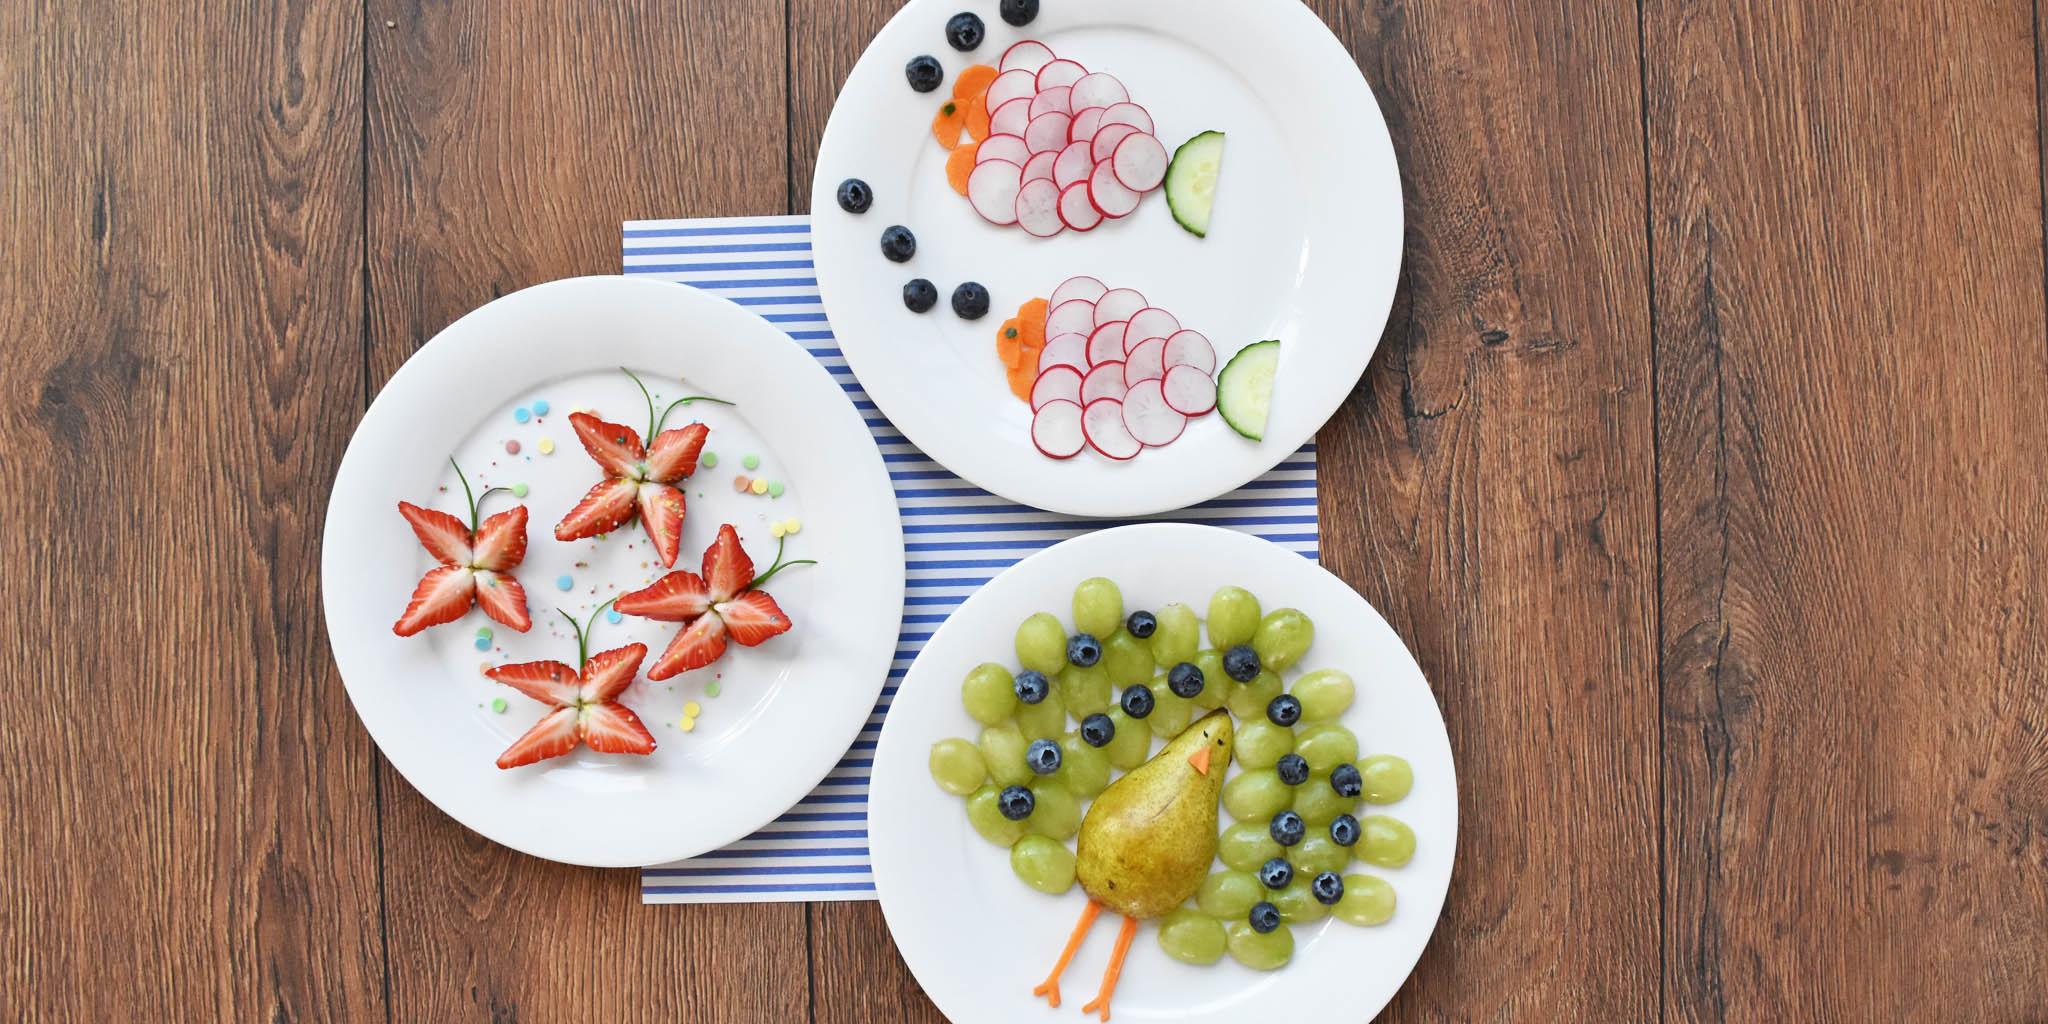 Obst- & Gemüse-Tiere